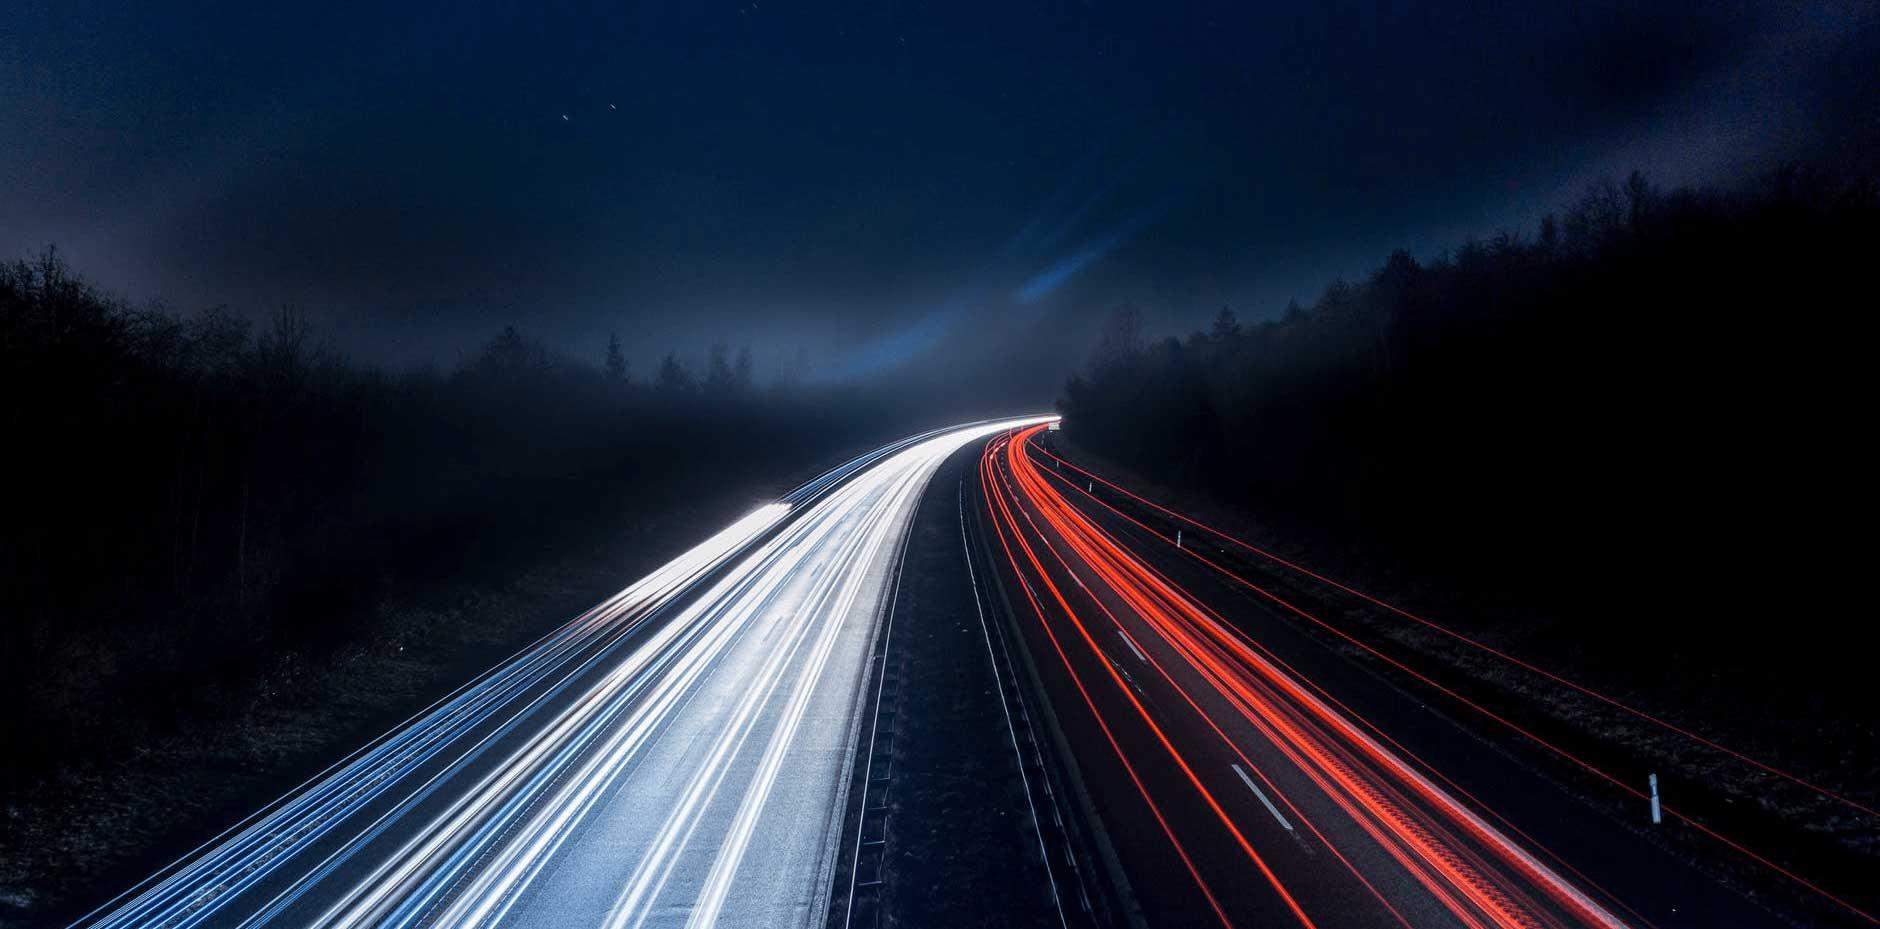 foto carretera de noche